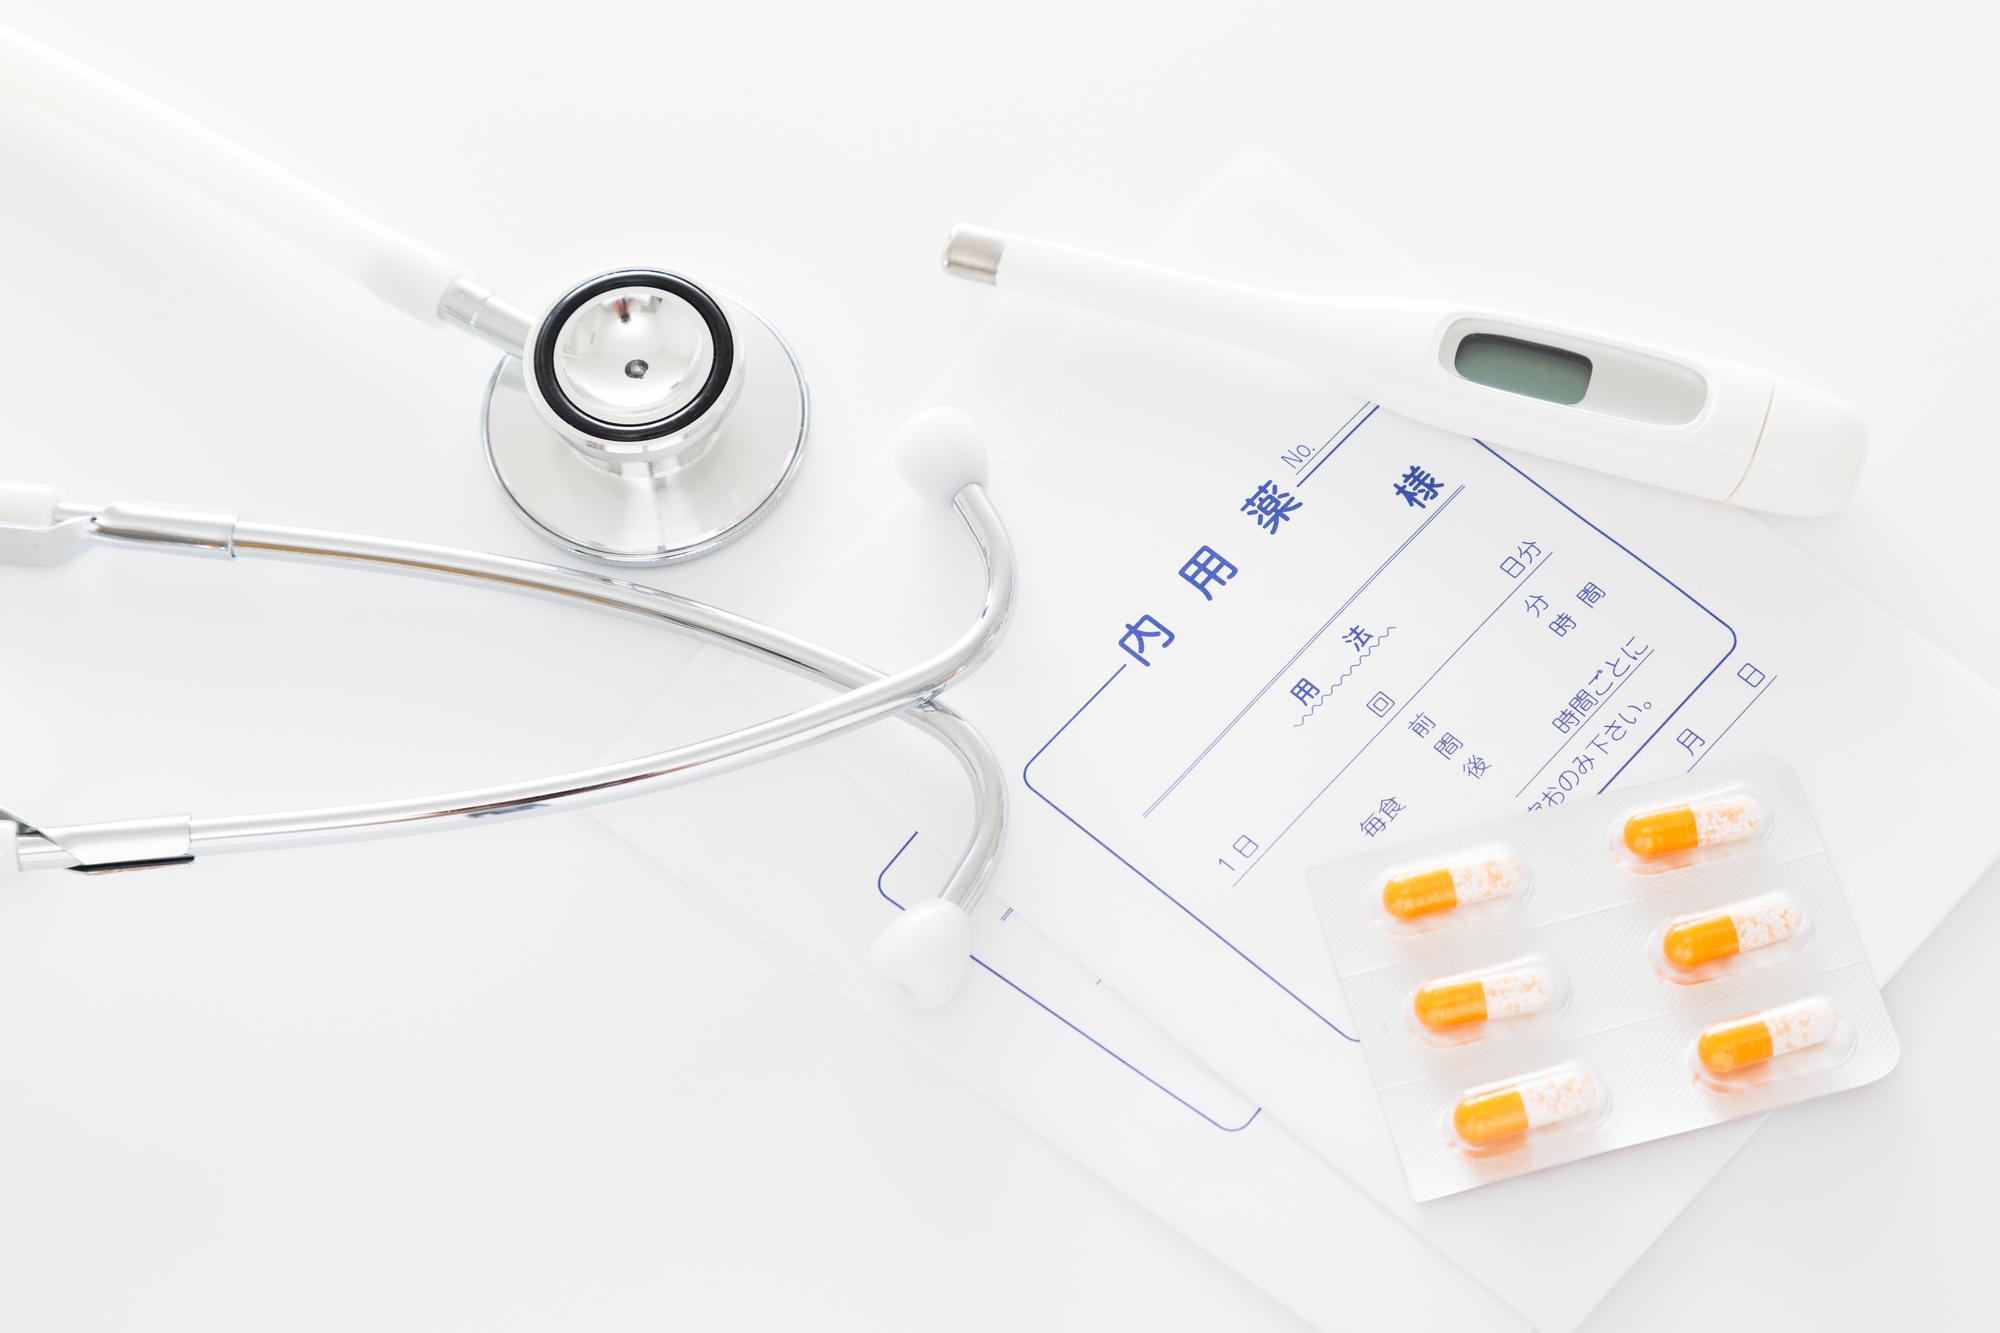 インフルエンザにかかったかも・・・病院へ行くタイミングはいつがいいの?